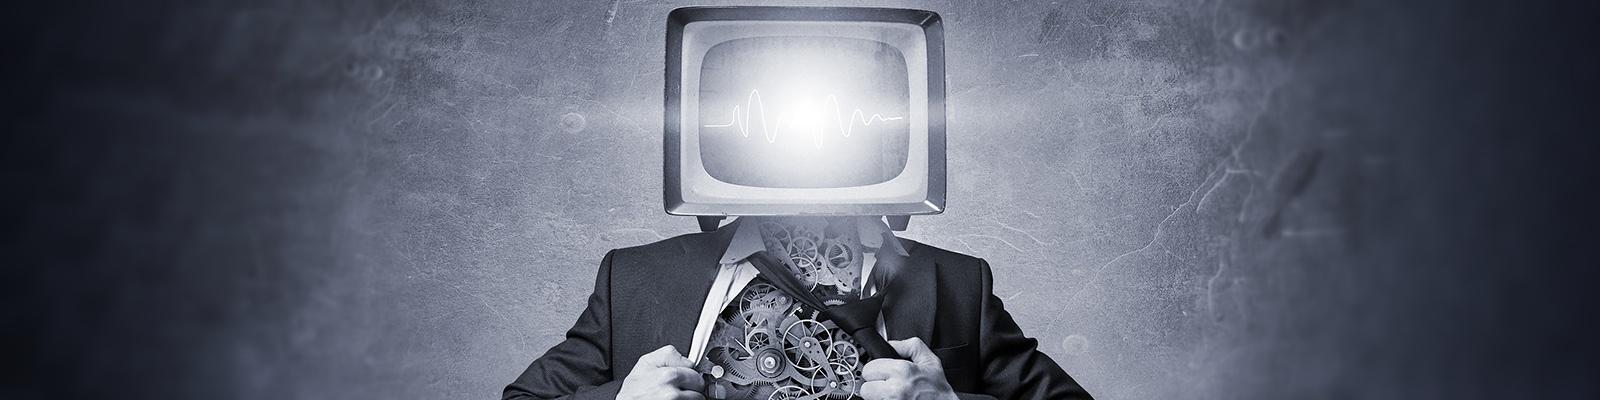 AI テレビ イメージ